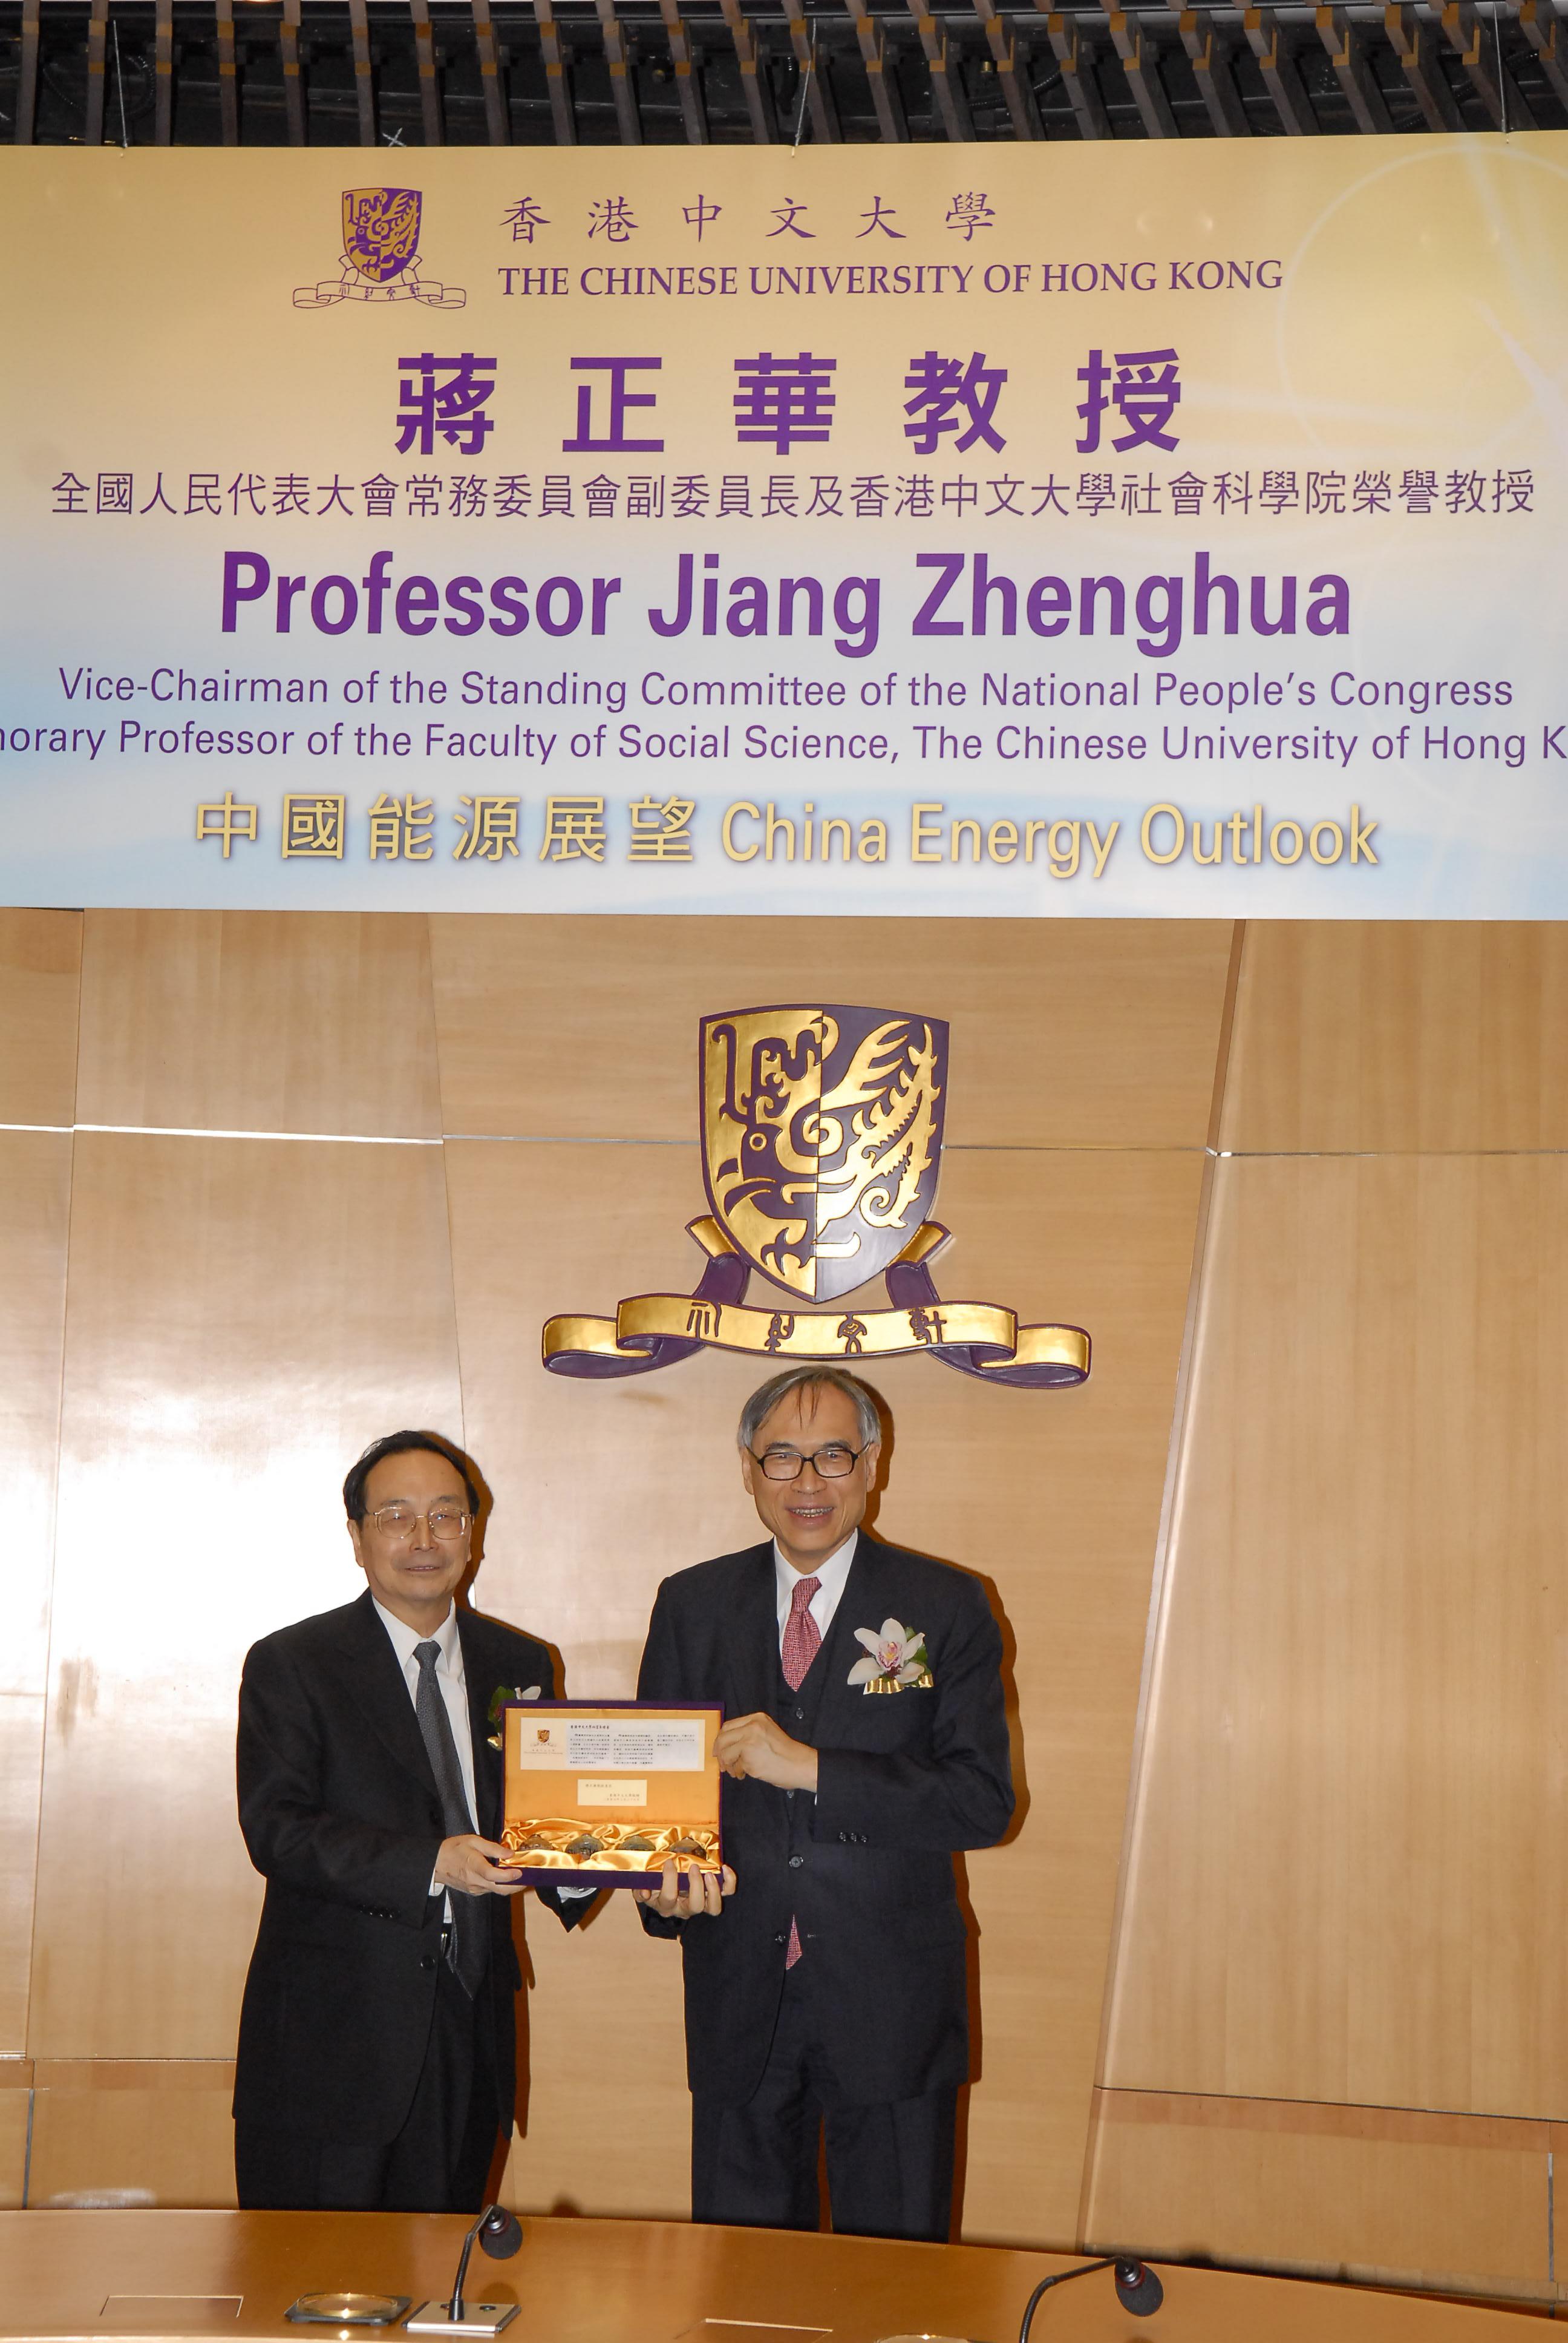 劉遵義校長致送紀念品予蔣正華教授